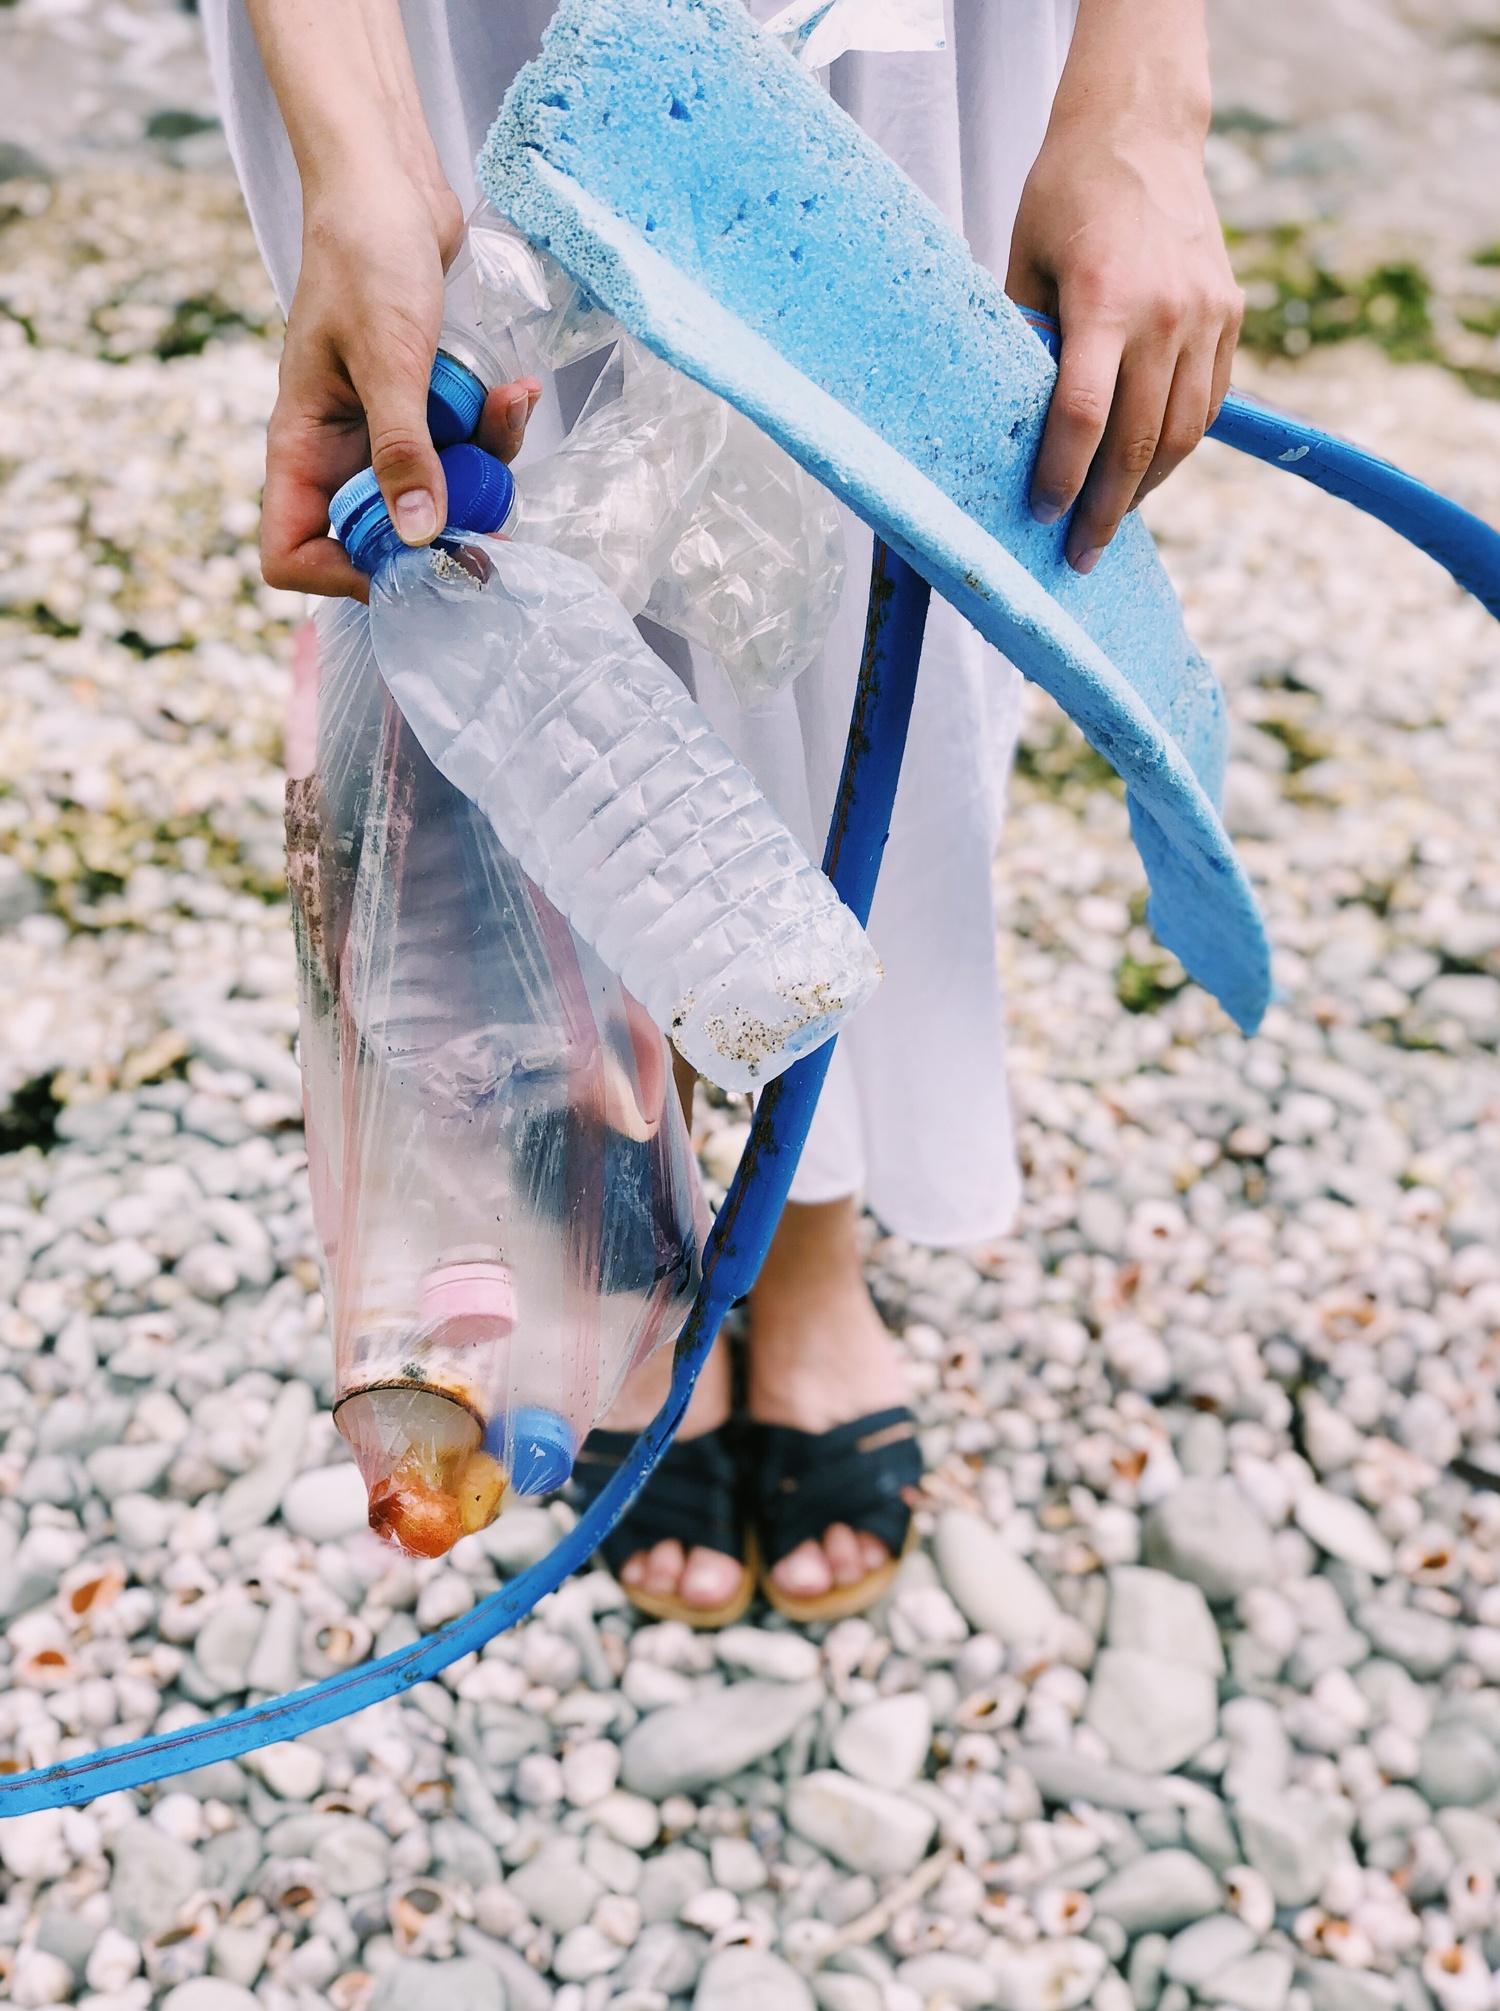 bottles-daytime-environment-1201589.jpg